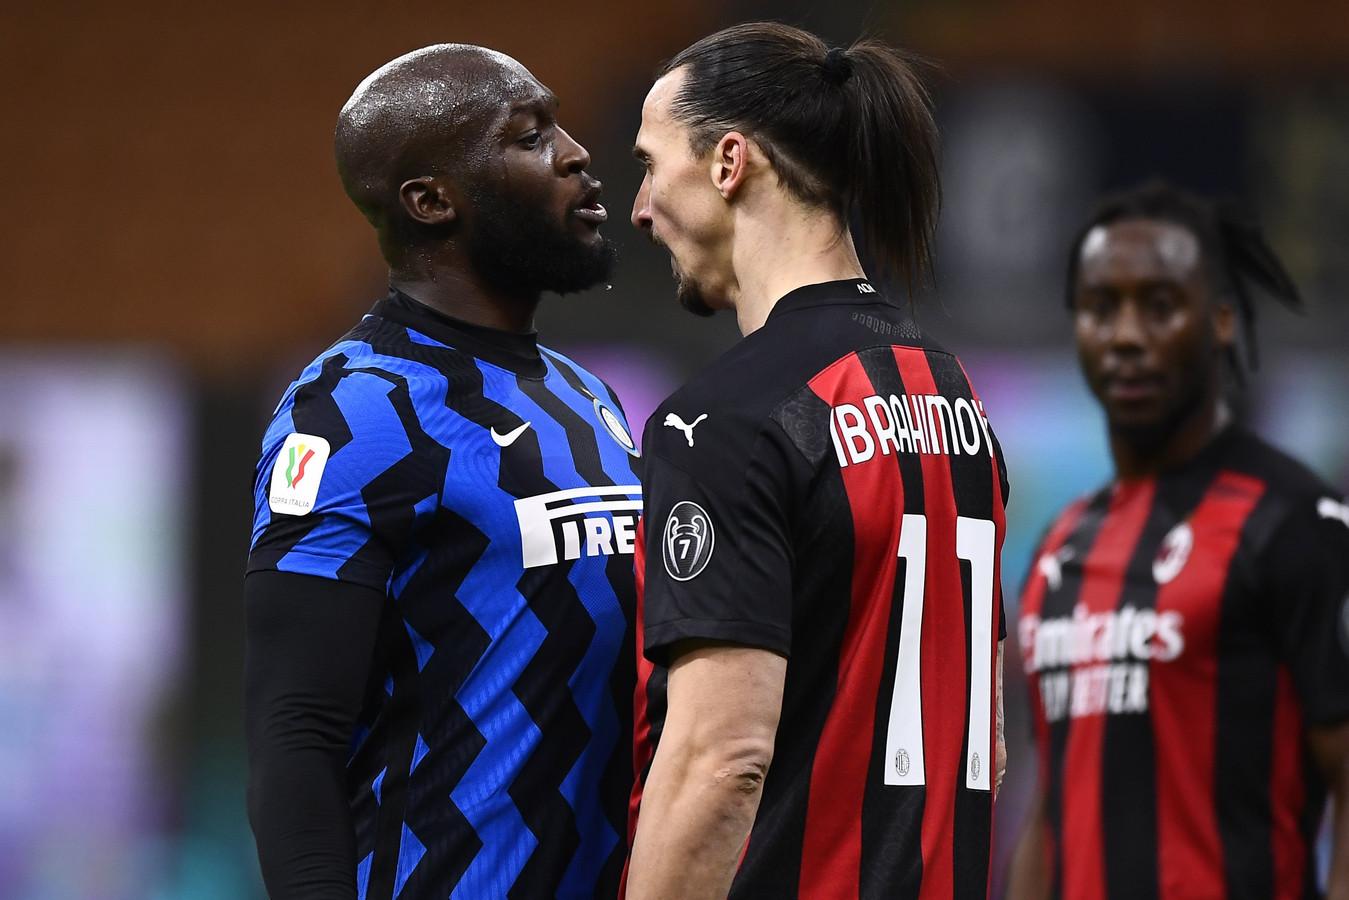 La tension était bien palpable entre Lukaku et Ibrahimovic lors d'un derby milanais en Coupe d'Italie, en janvier dernier.